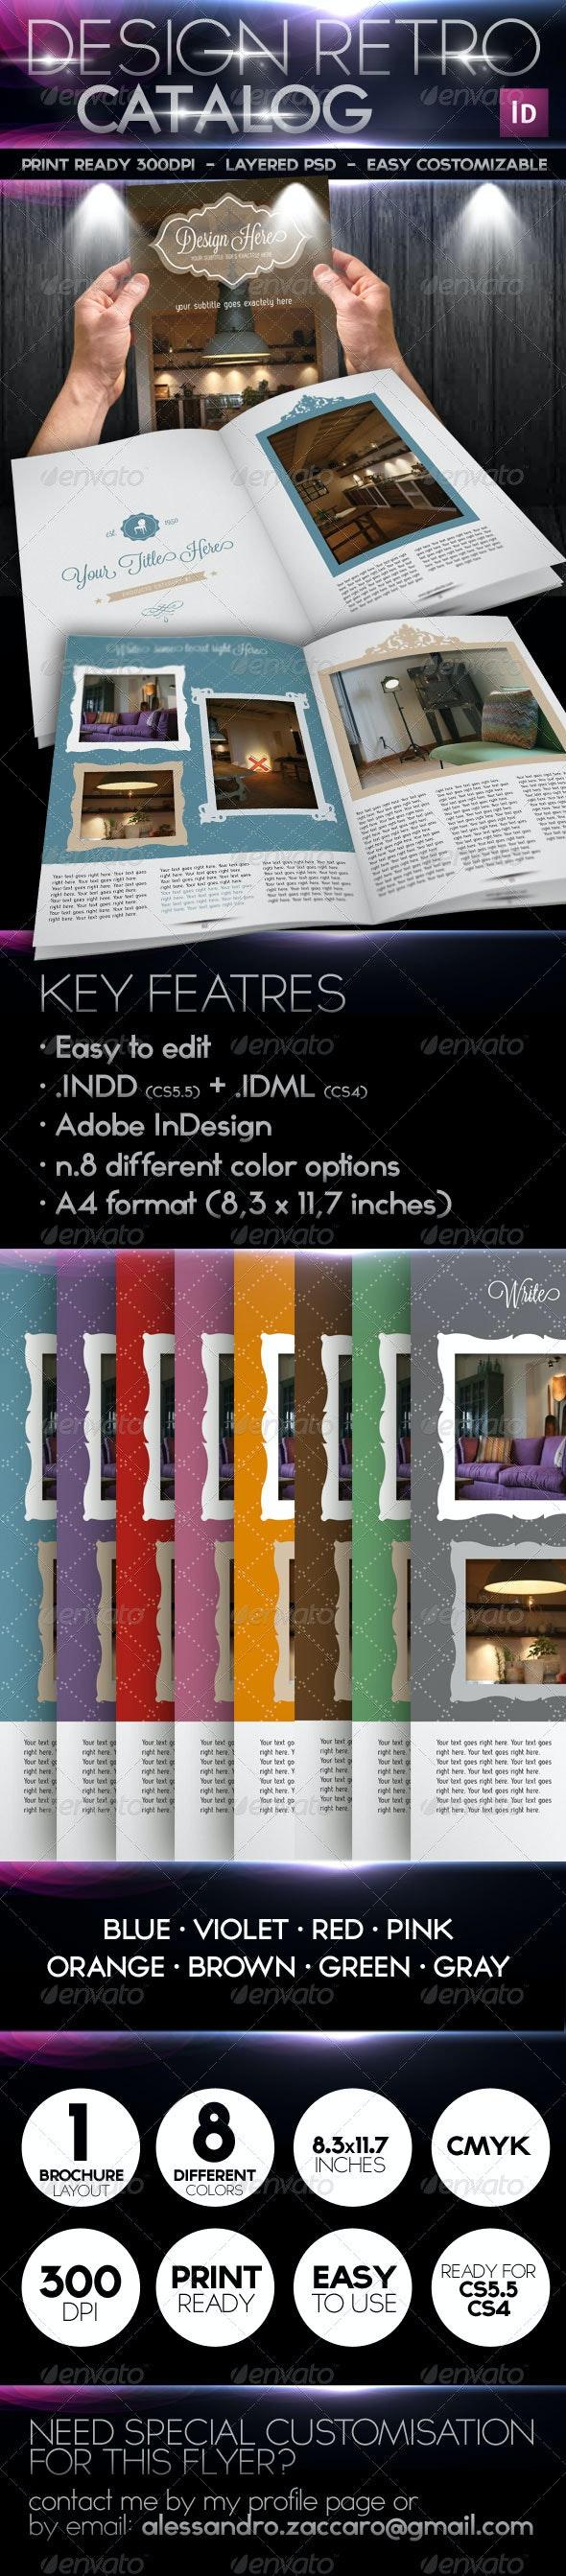 Design Retro Catalog Brochure  - Brochures Print Templates